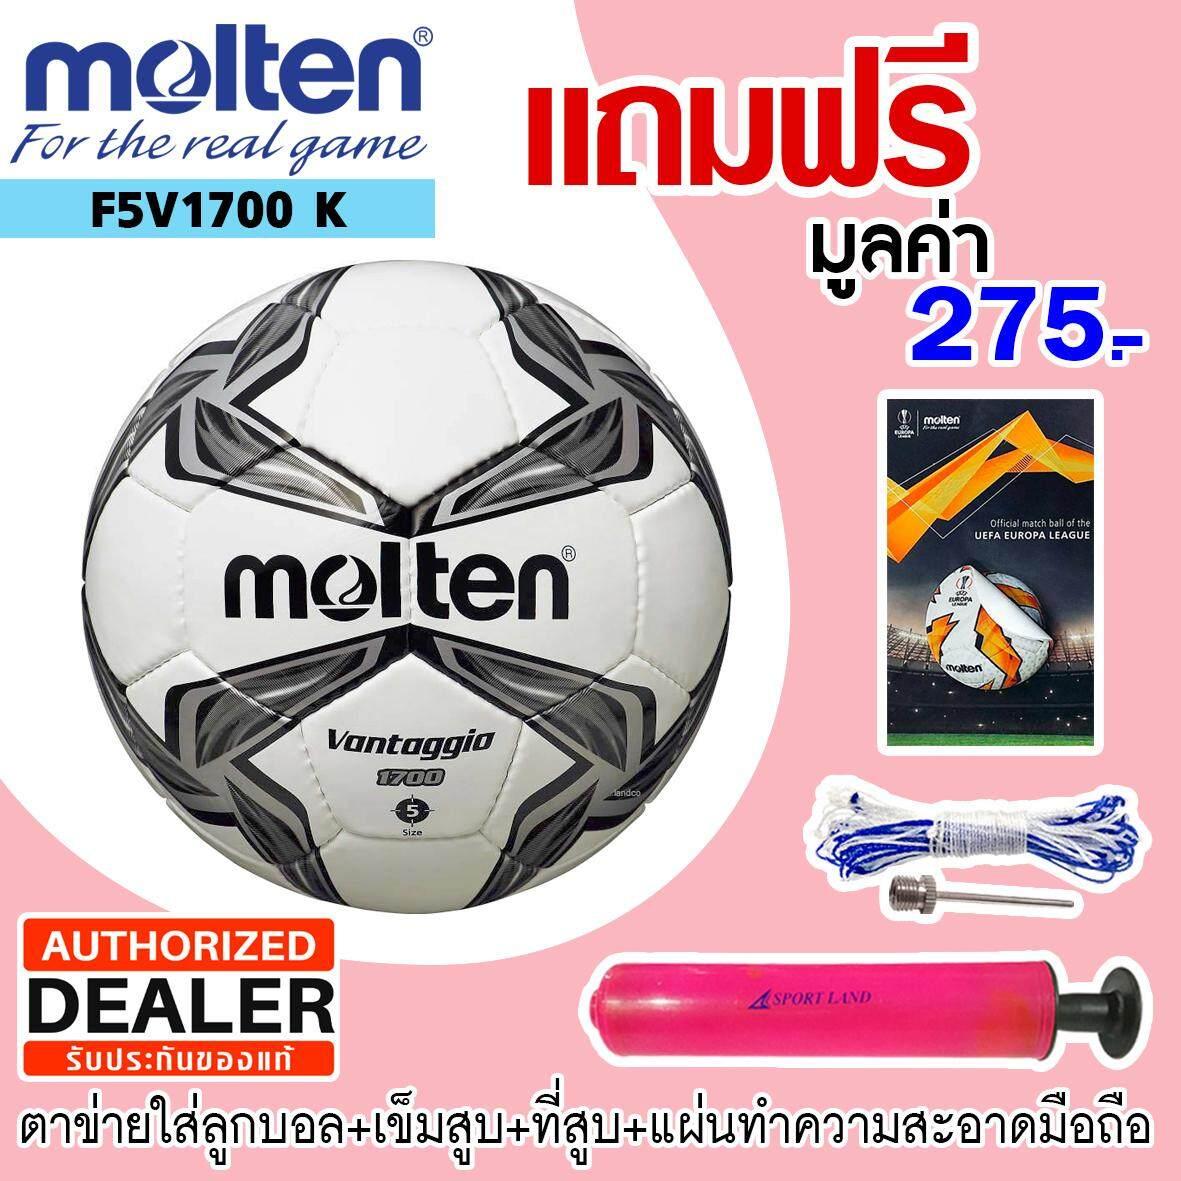 การใช้งาน  MOLTEN ฟุตบอล Football MOT HS-PVC F5V1700 K เบอร์5 แถมฟรี ตาข่ายใส่ลูกฟุตบอล + เข็มสูบลม + สูบมือ SPL รุ่น SL6 สีชมพู + แผ่นทำความสะอาดมือถือ